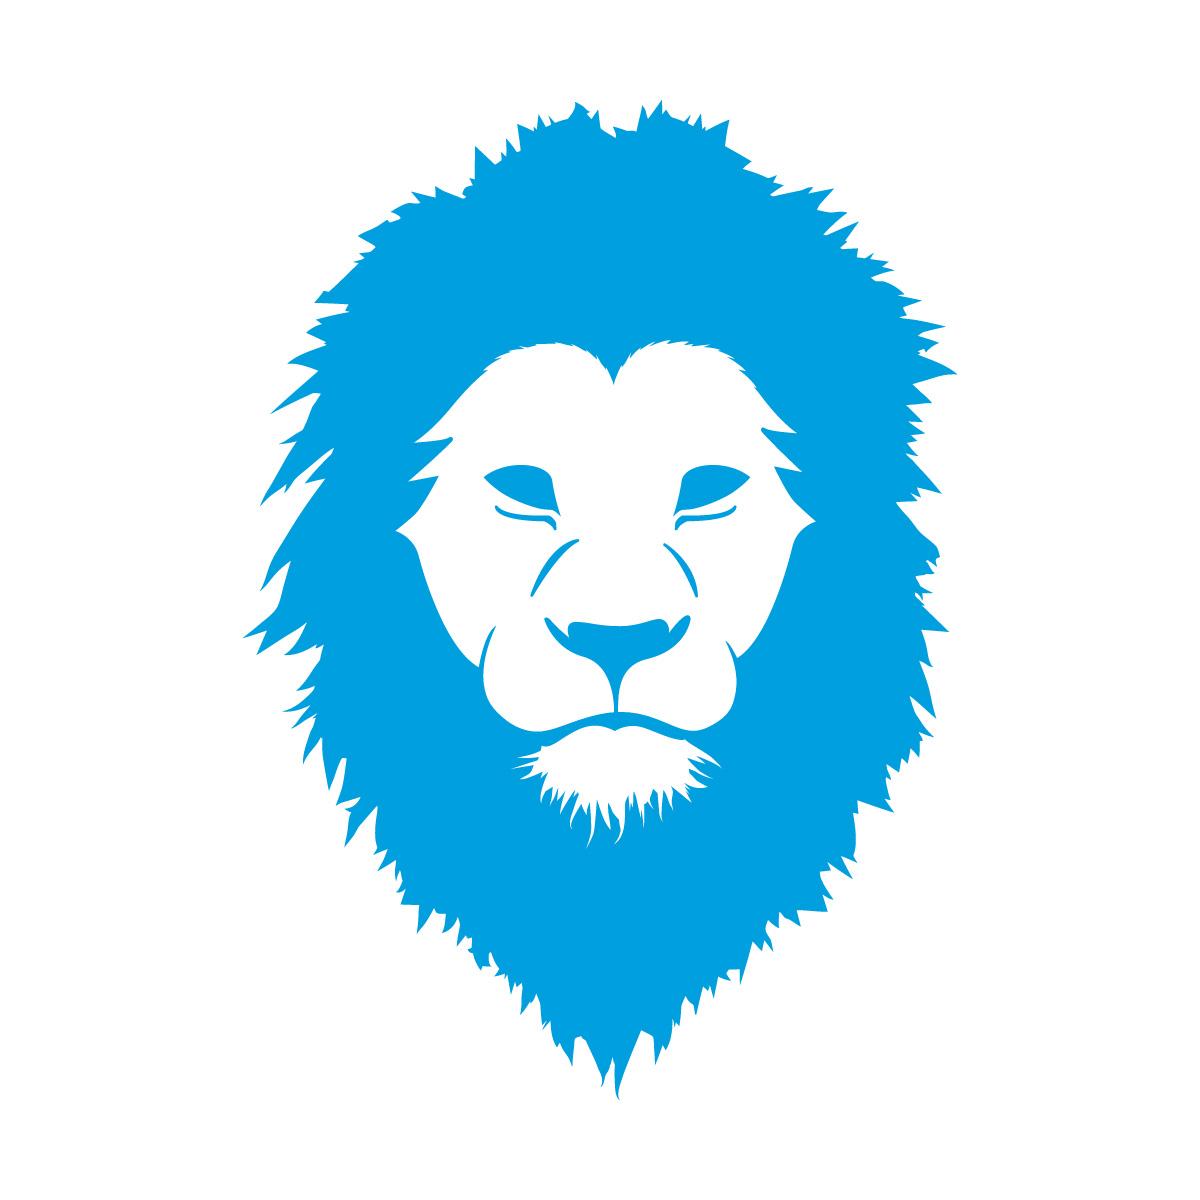 青色のライオン シール ステッカー カッティングステッカー かっこいい 獅子 光沢タイプ・防水 耐水・屋外耐候3~4年